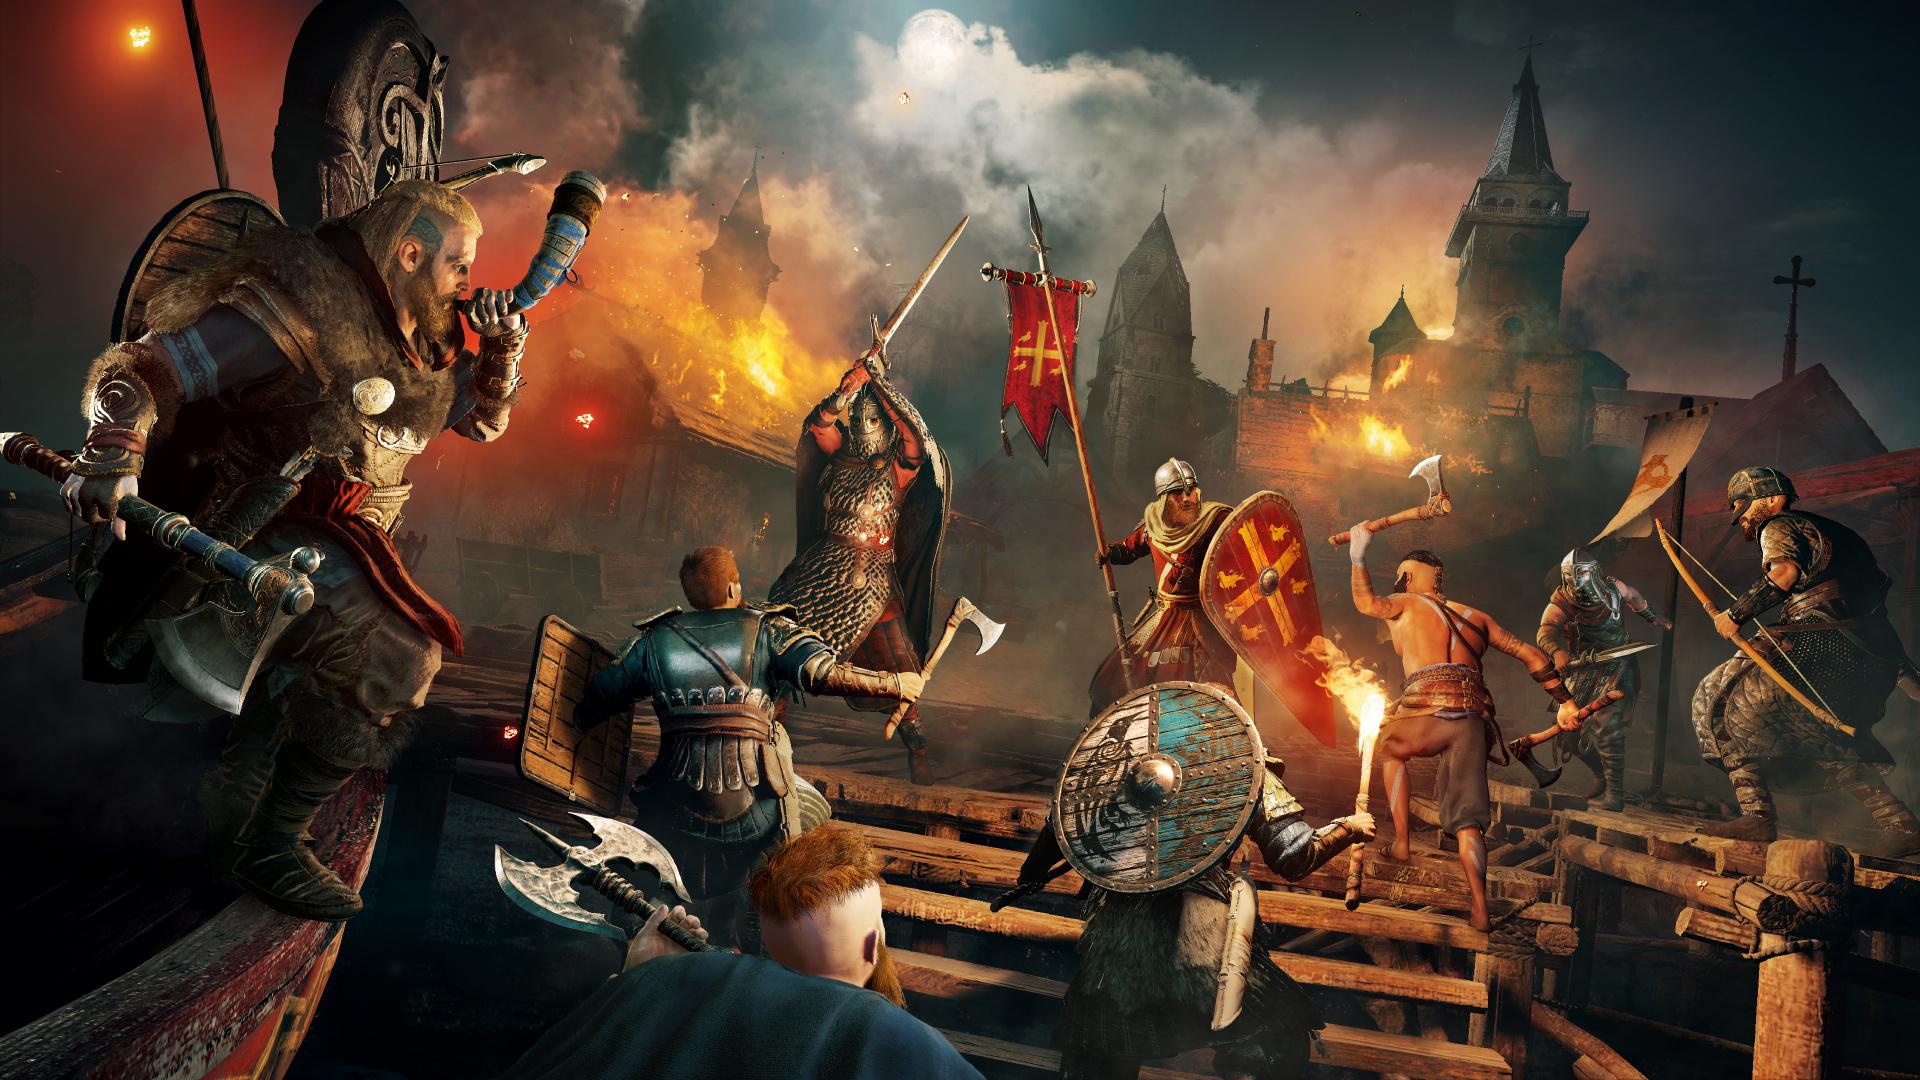 Новое дополнение Assassin's Creed Valhalla может развернуться в Муспельхейме